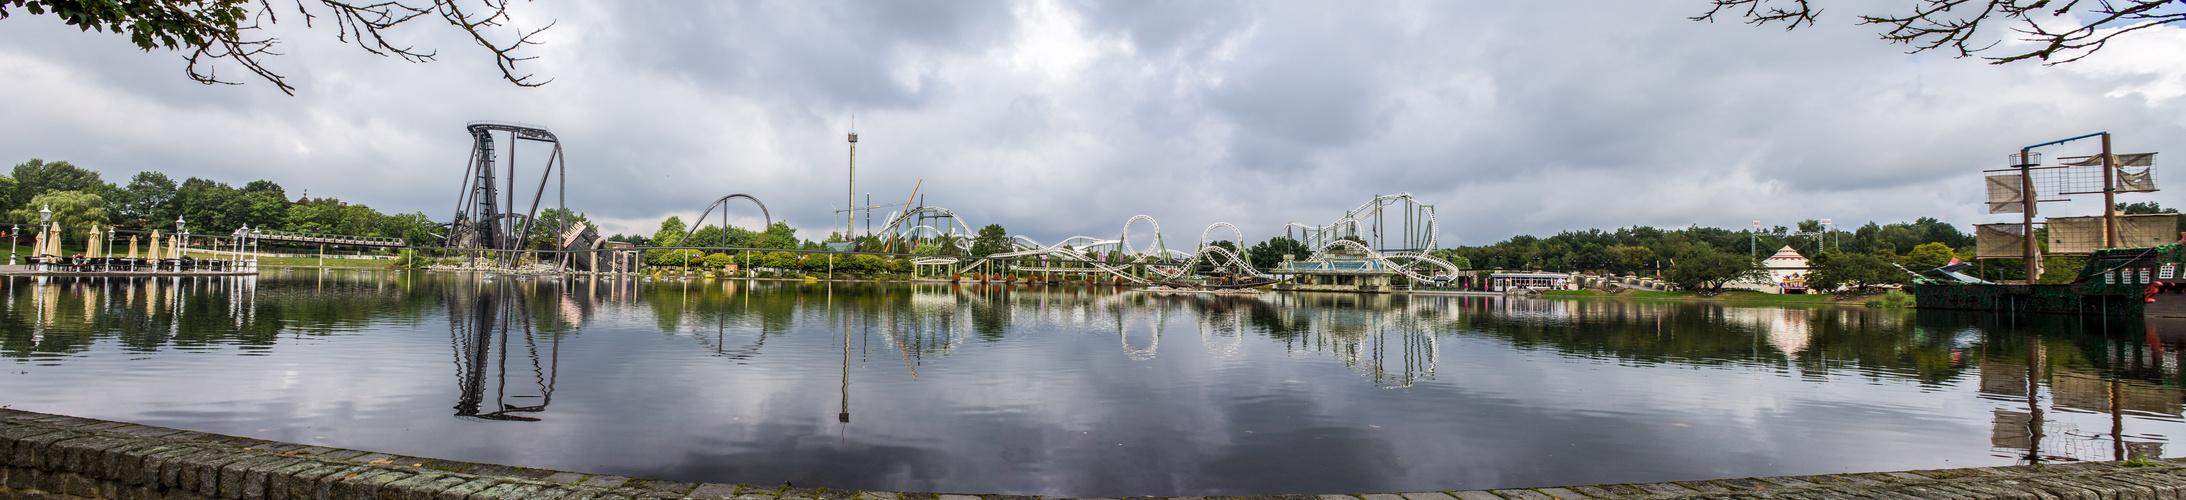 Heide Park Panorama